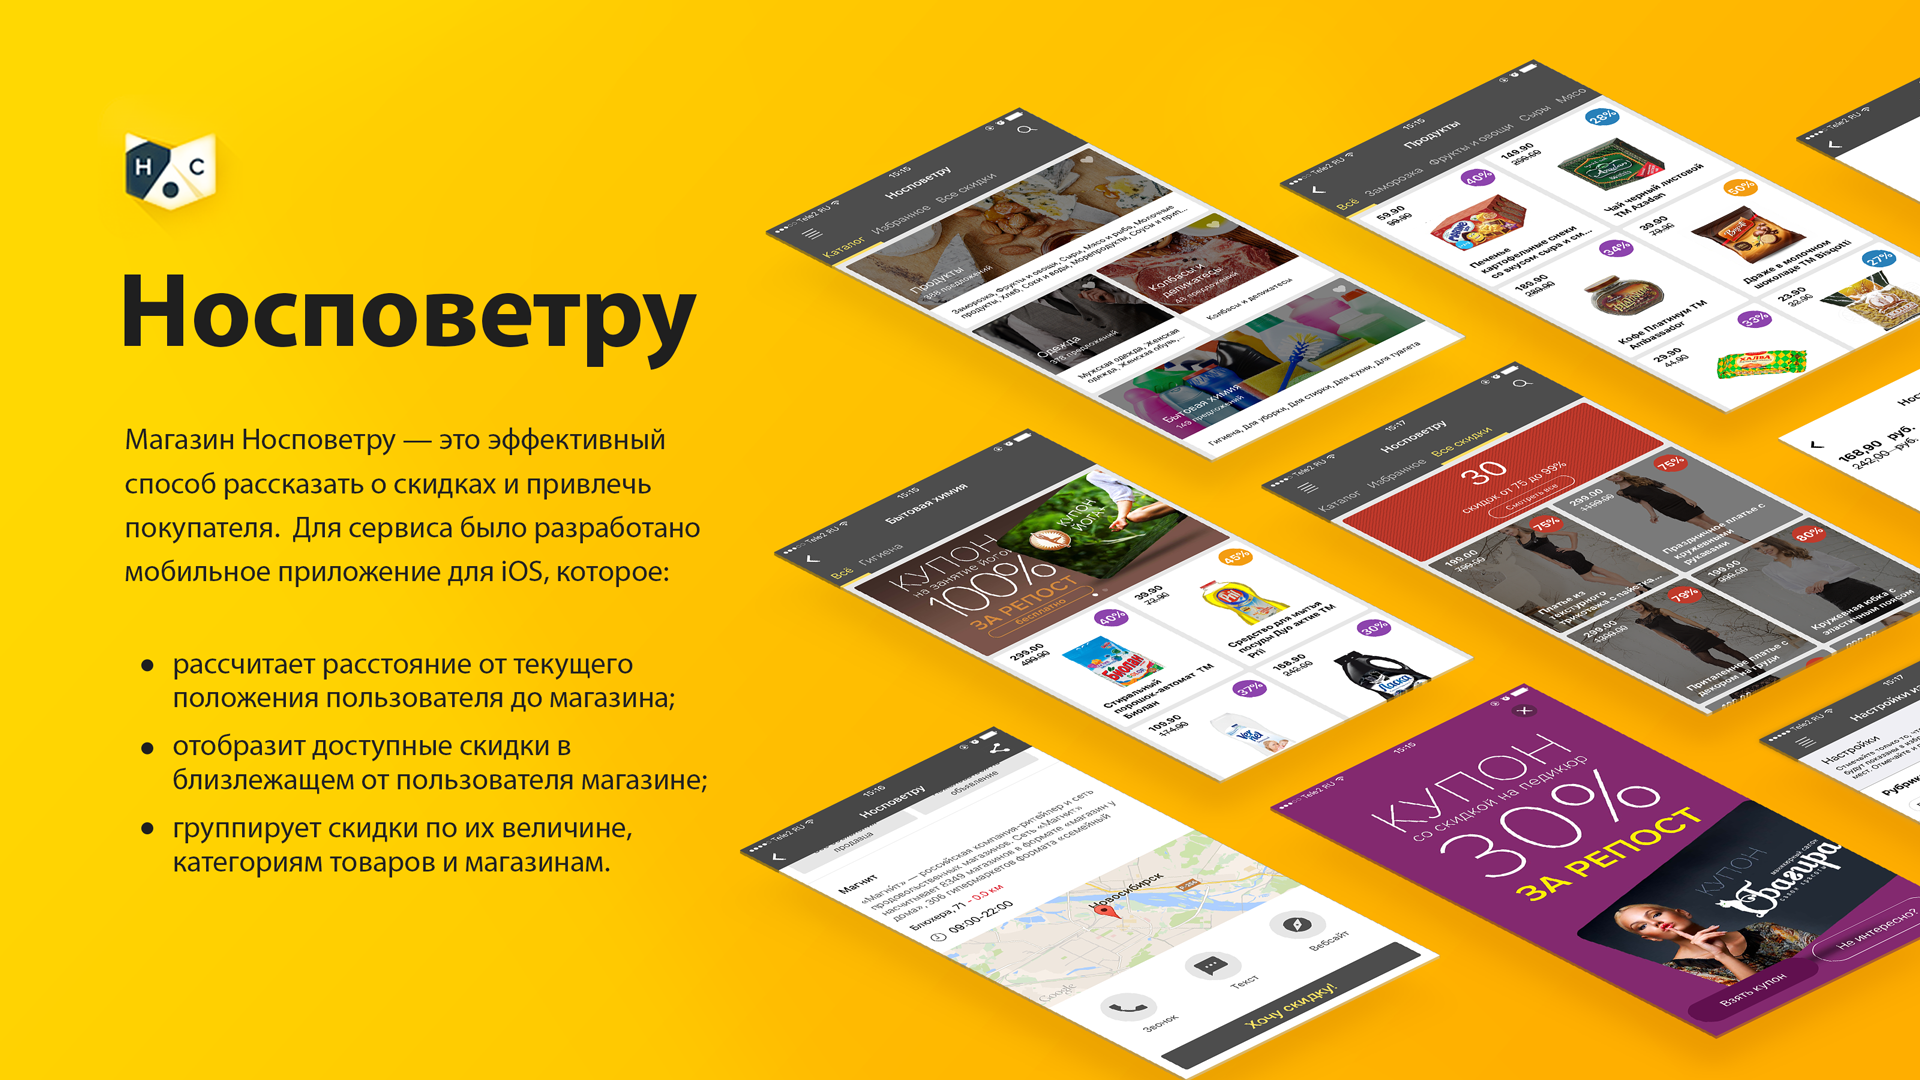 Мобильное приложение для Носповетру